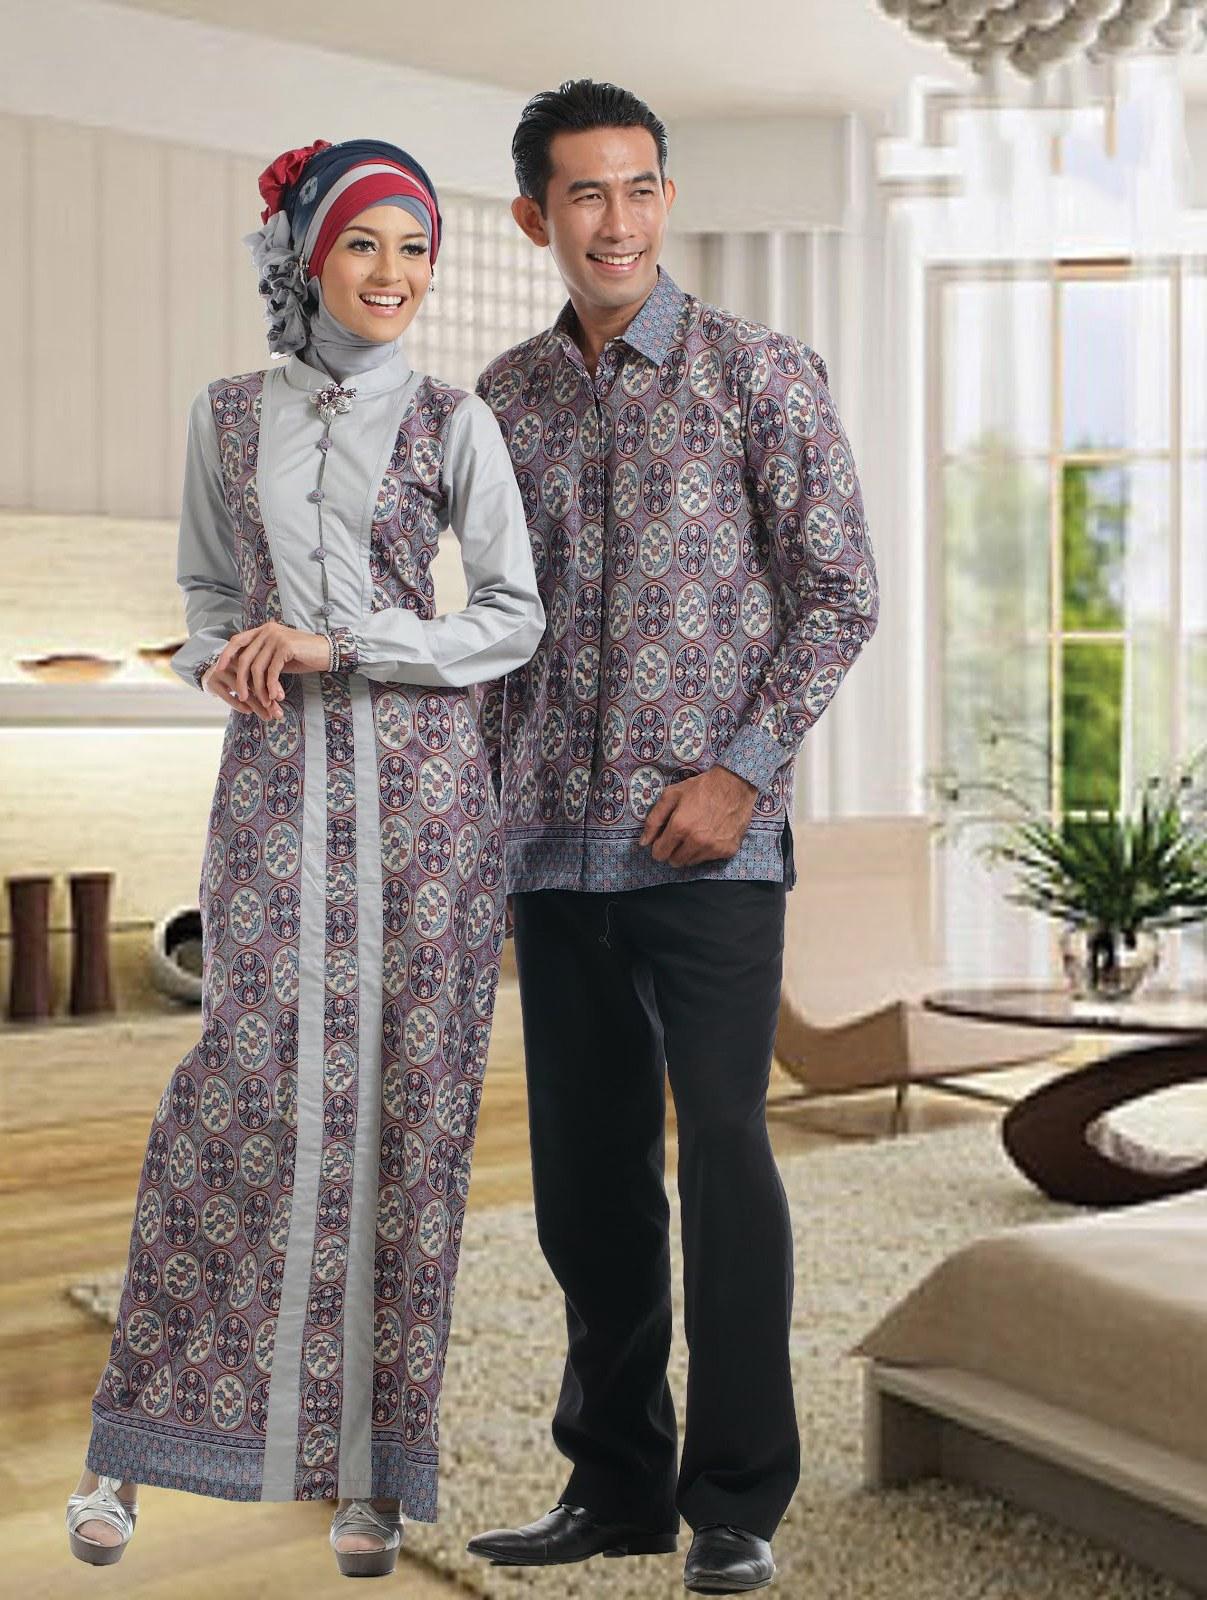 Inspirasi Baju Lebaran Sarimbit Whdr Kumpulan Model Baju Batik Lebaran 2013 Terbaru Terpercaya